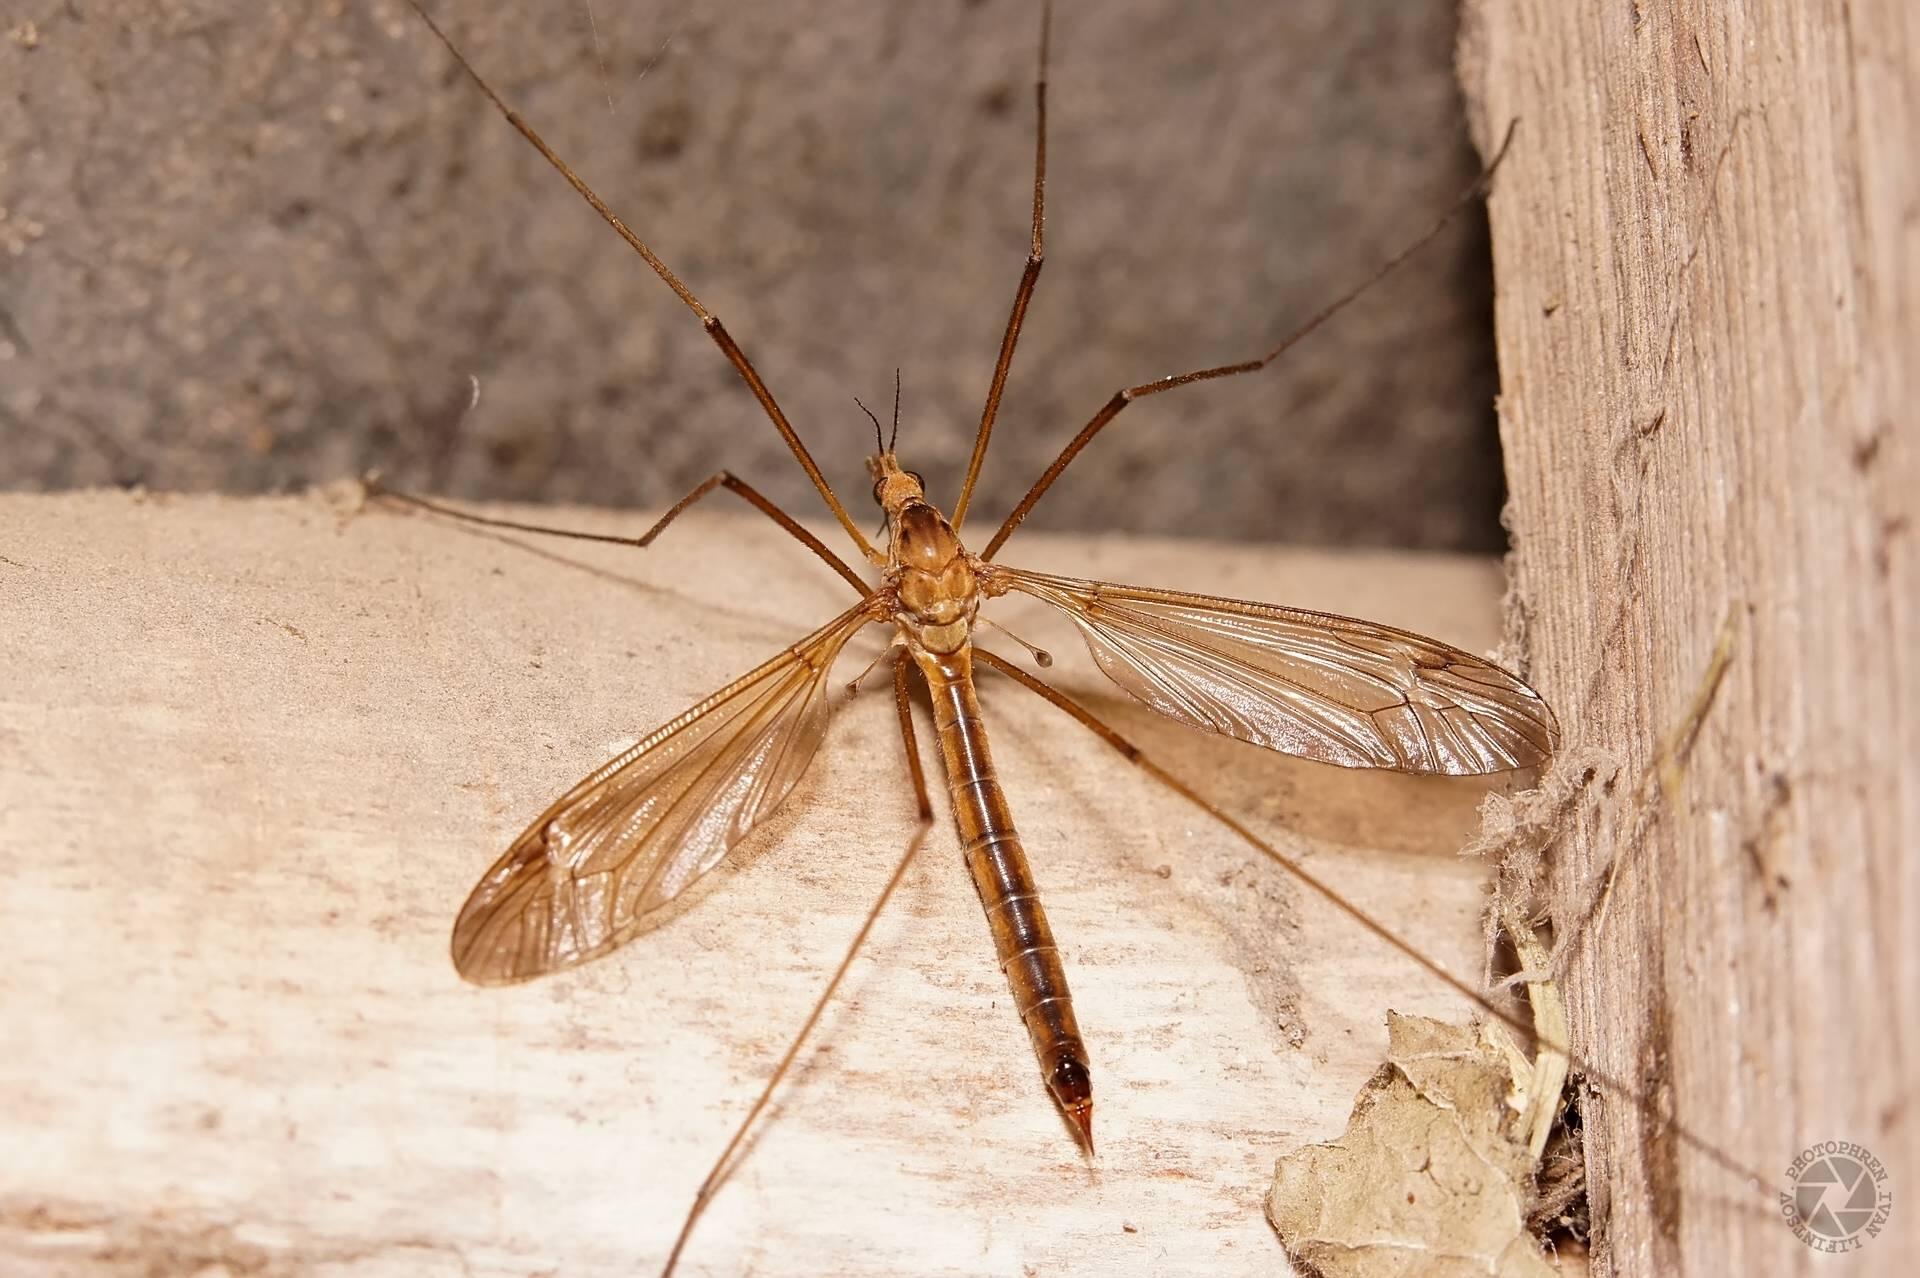 Большой комар с длинными ногами – как называется и опасен ли?. опасен ли большой комар с длинными ногами?